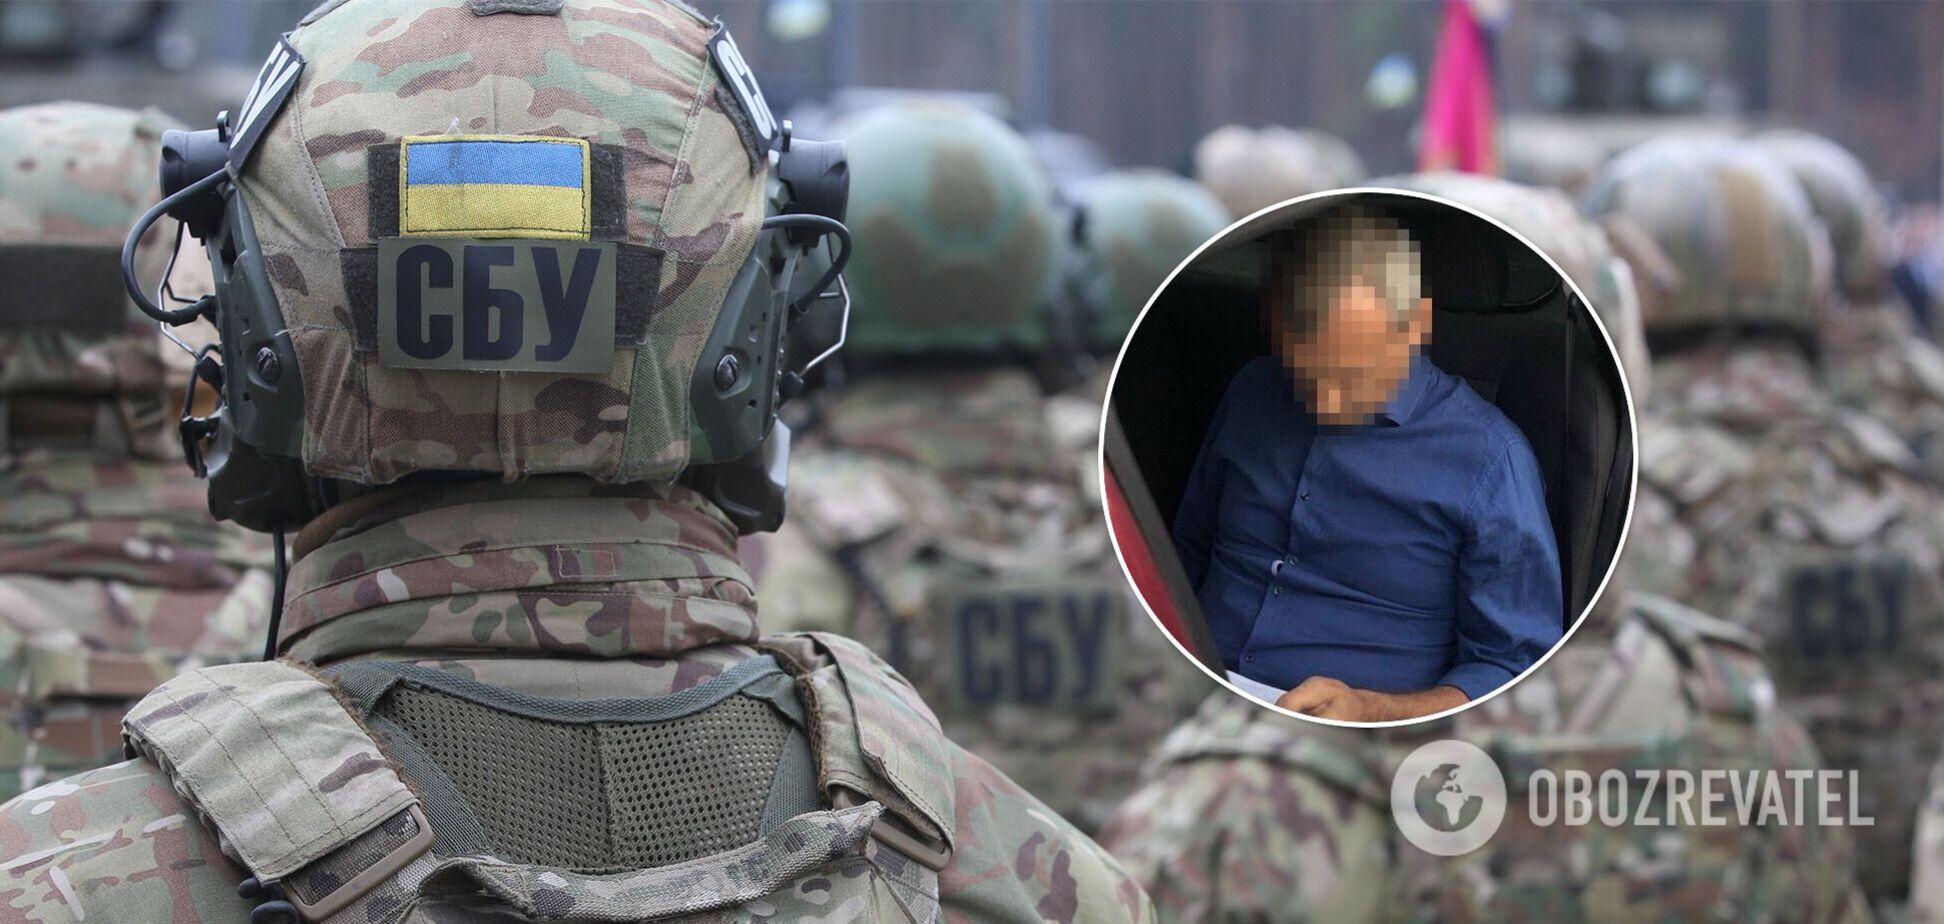 СБУ задержала пророссийского пропагандиста, который призывал к разделению Украины